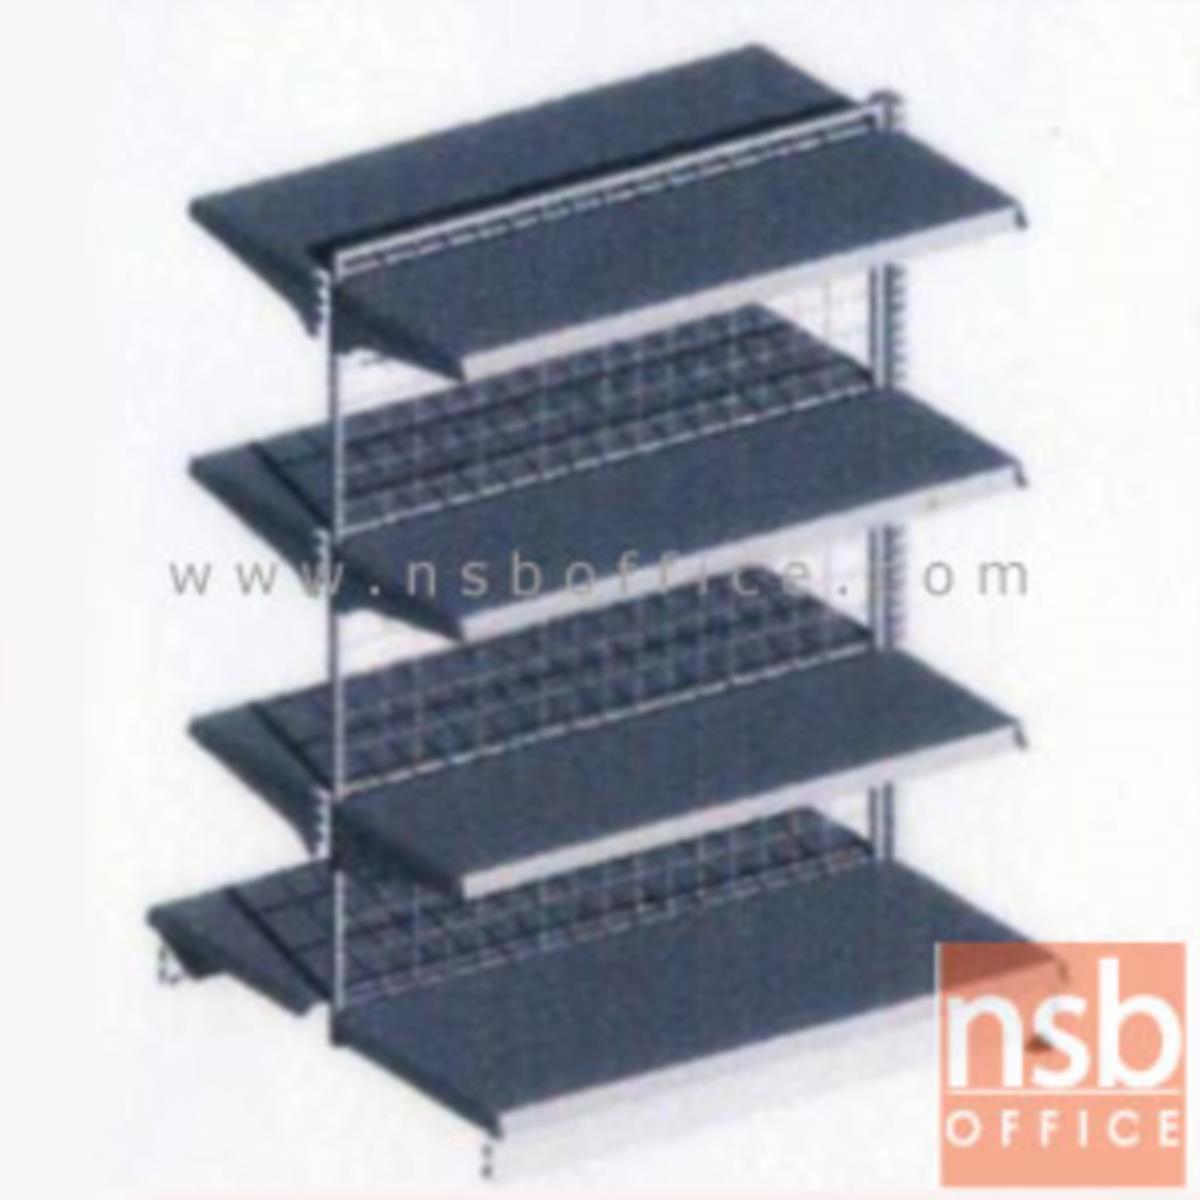 ชั้นเหล็กซุปเปอร์มาร์เก็ต สูง 150 cm. หนา 0.7 mm. 2 หน้า 4+4 แผ่นชั้น  รุ่น CK-F5 แบบตัวตั้งและแบบตัวต่อ